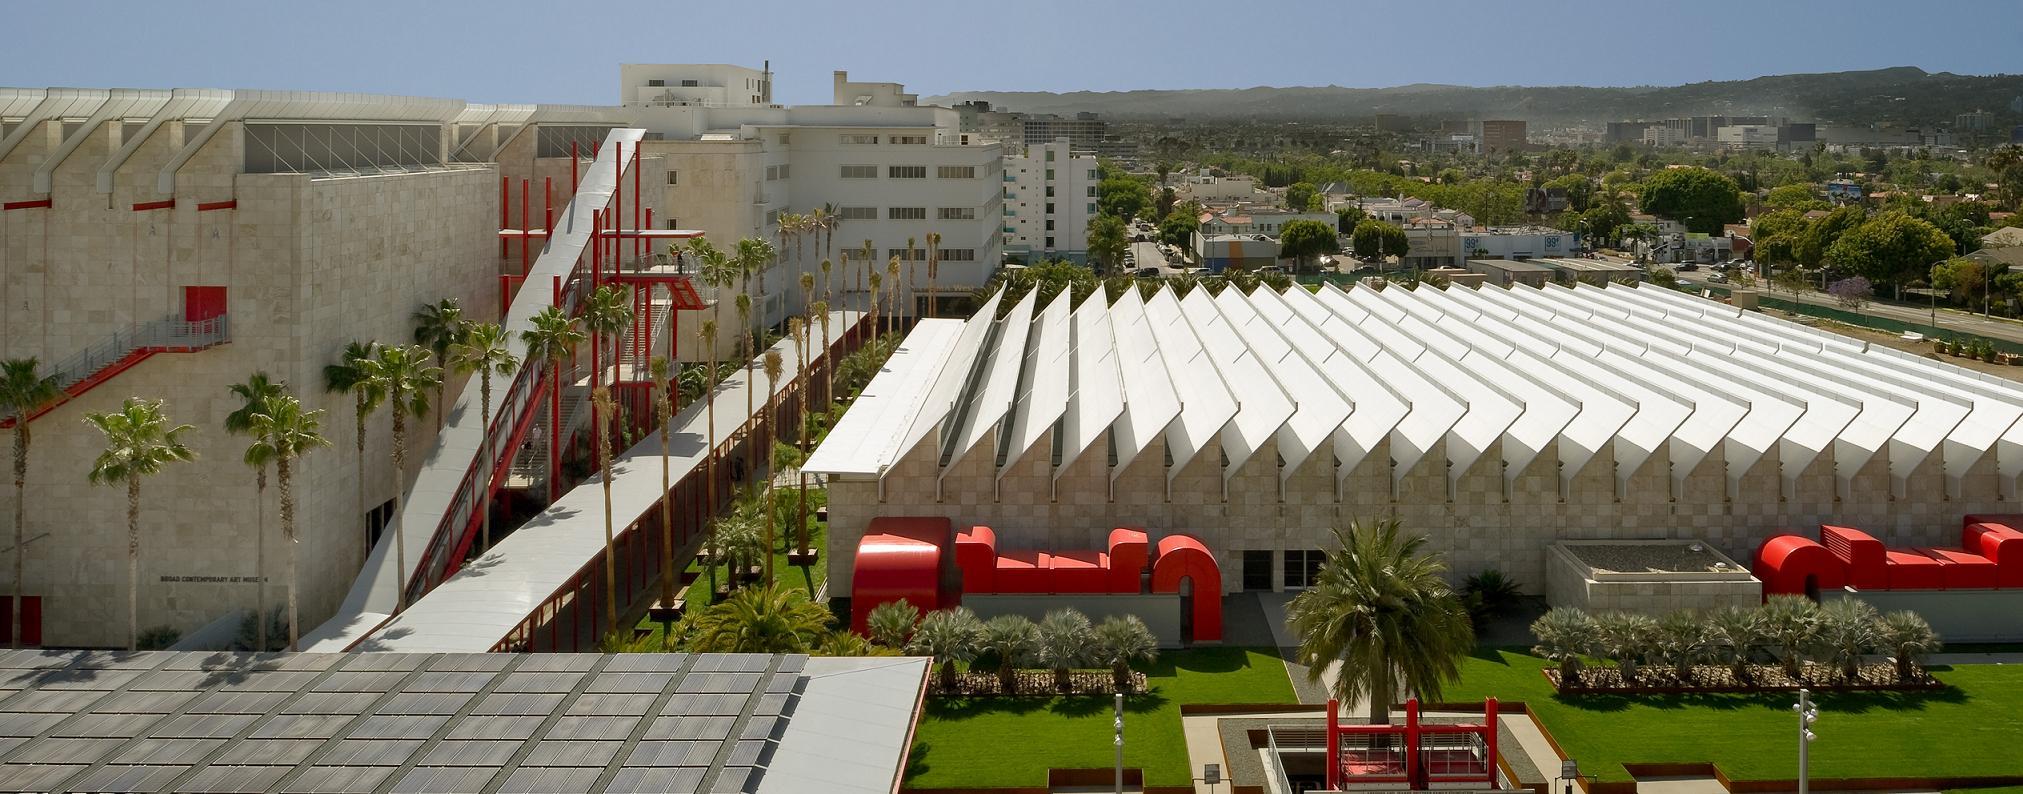 Resnick Exhibition Pavilion